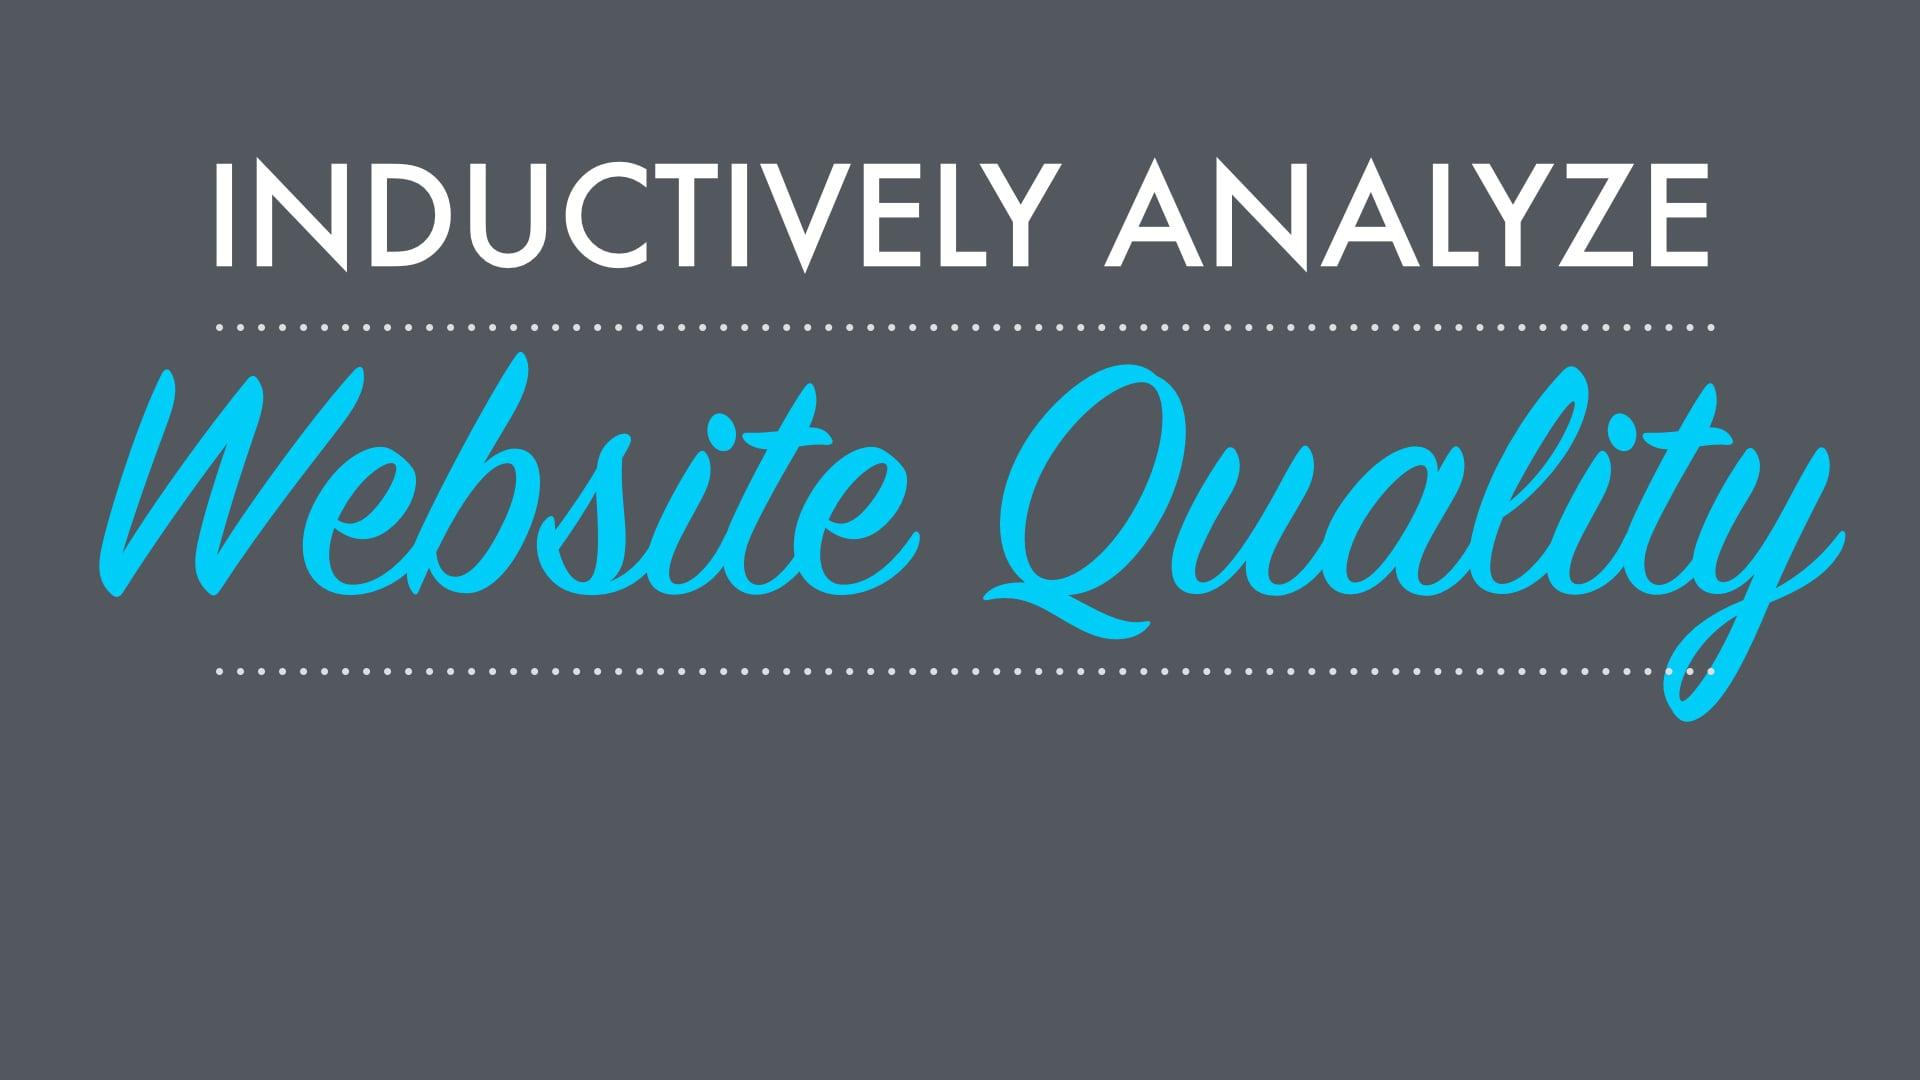 website-reliability